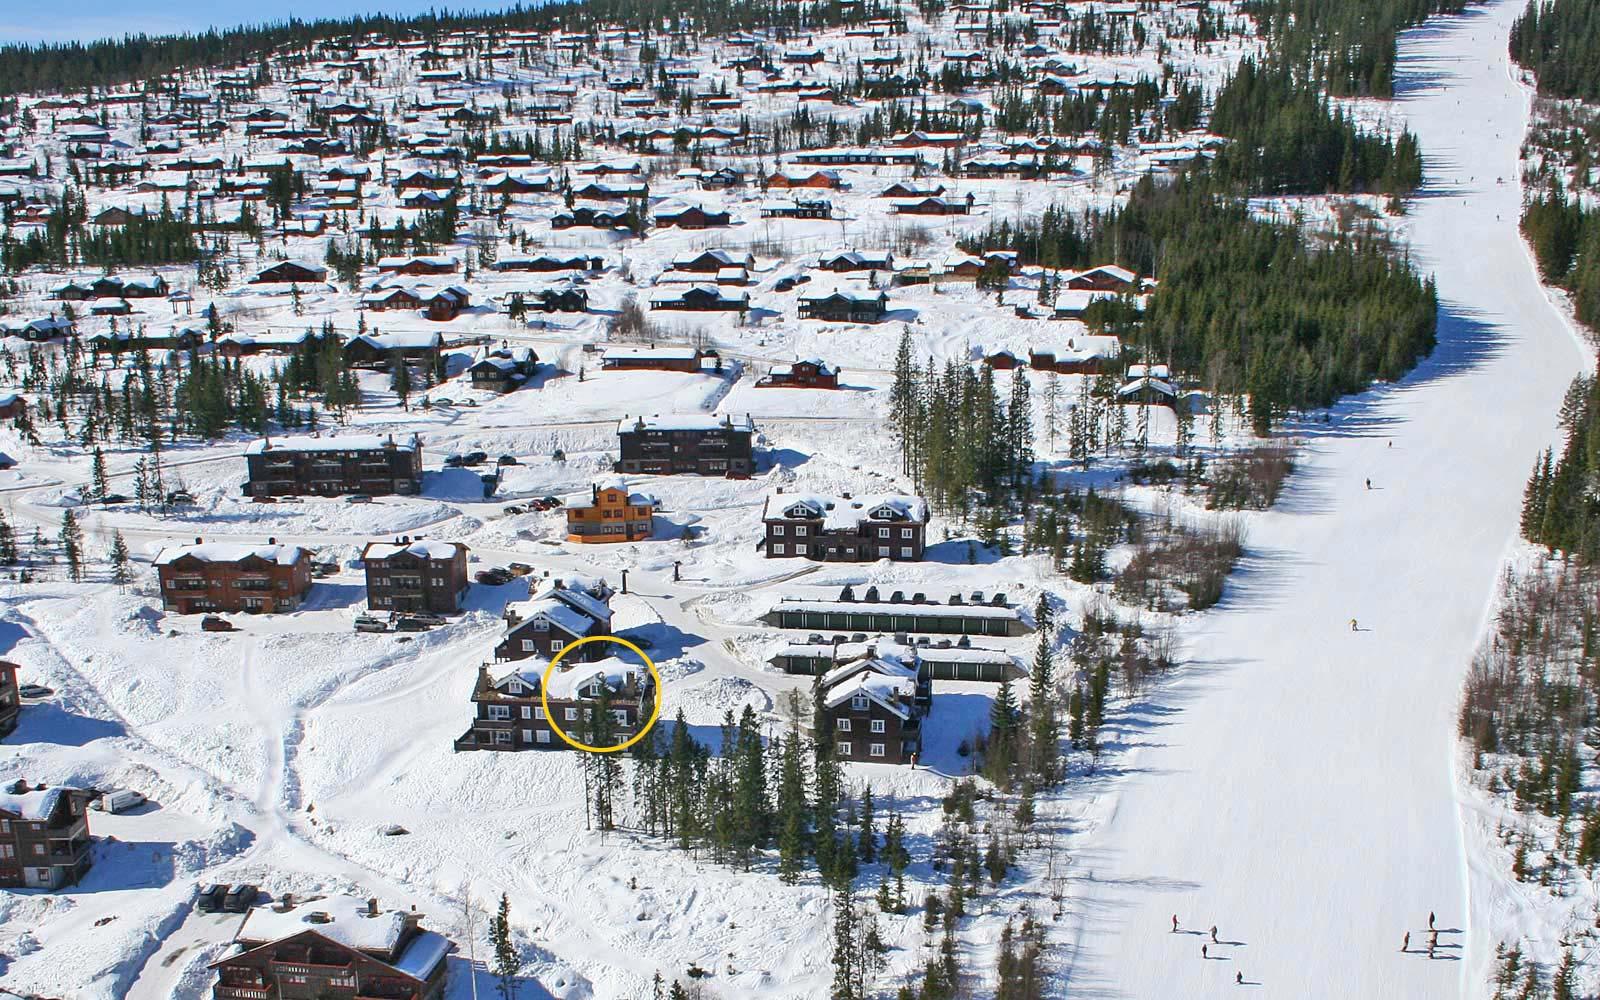 Beliggenhet til leilighet Knettlia 748C - Sjumilskogen booking Trysil